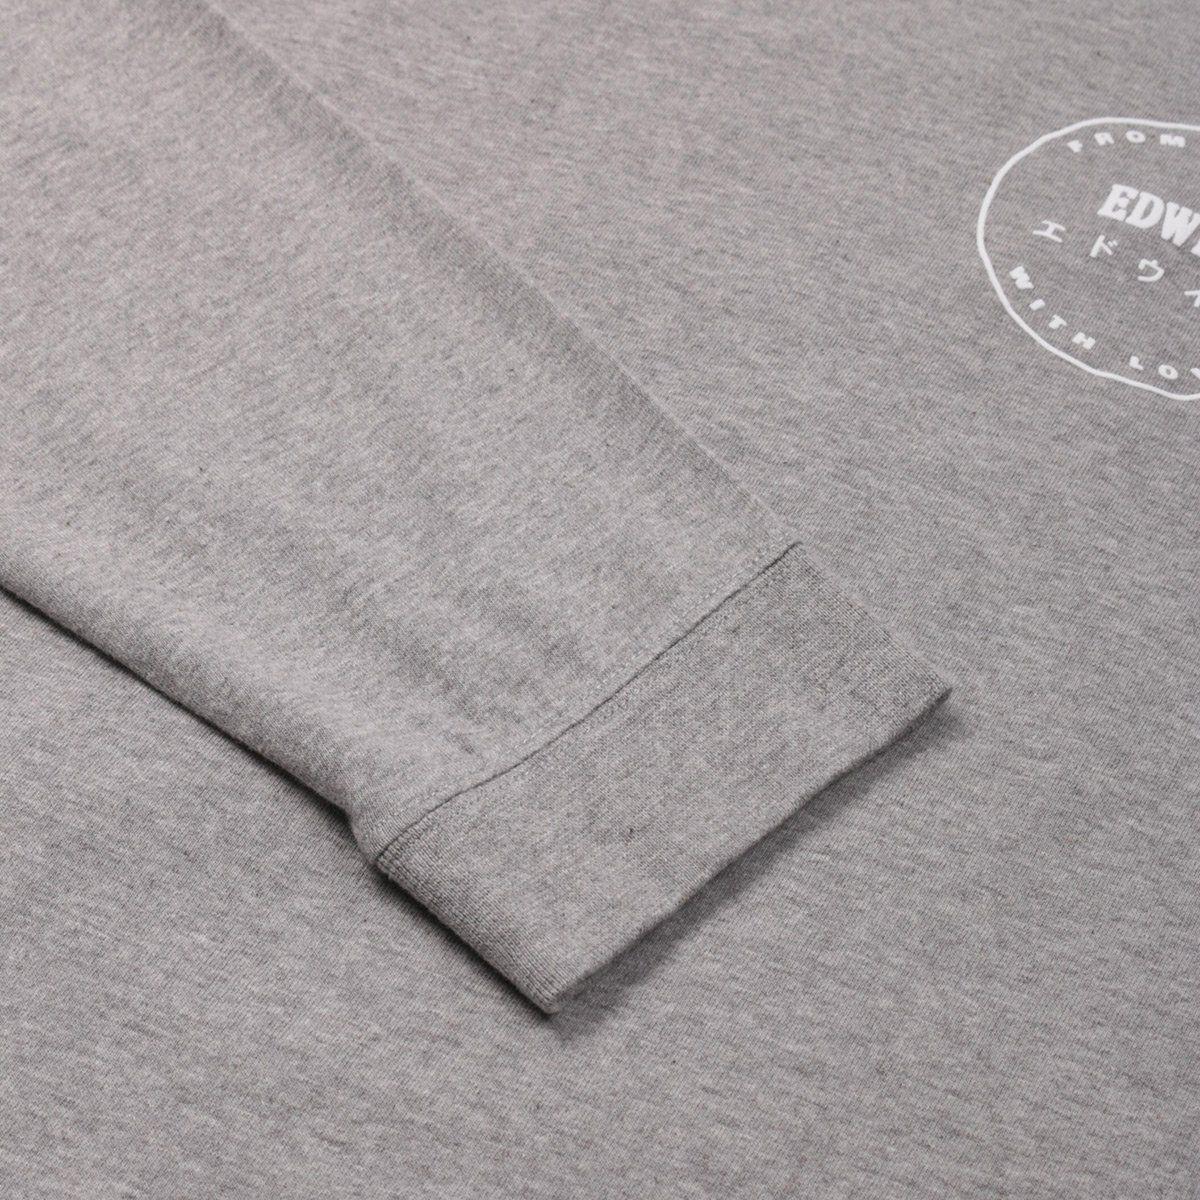 Edwin Trademark LS T-Shirt